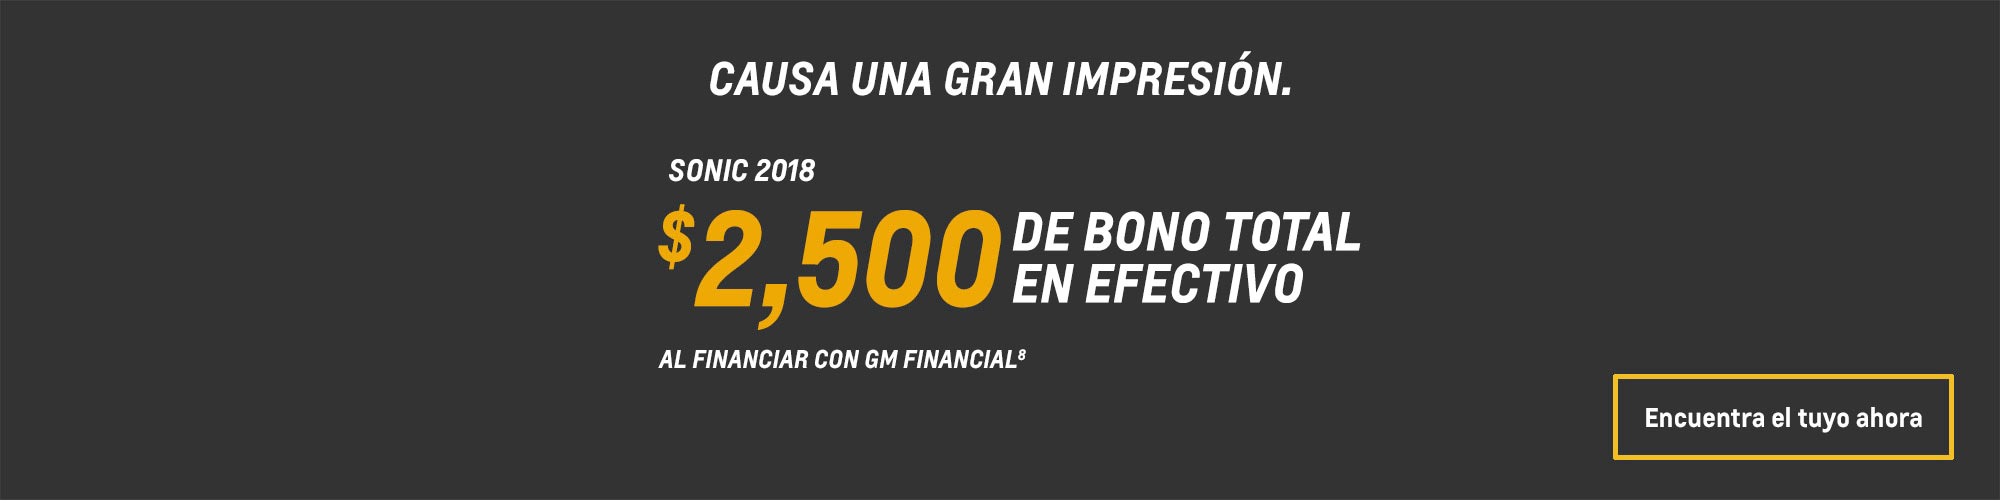 Sonic 2018: $1,500 Bono total en efectivo